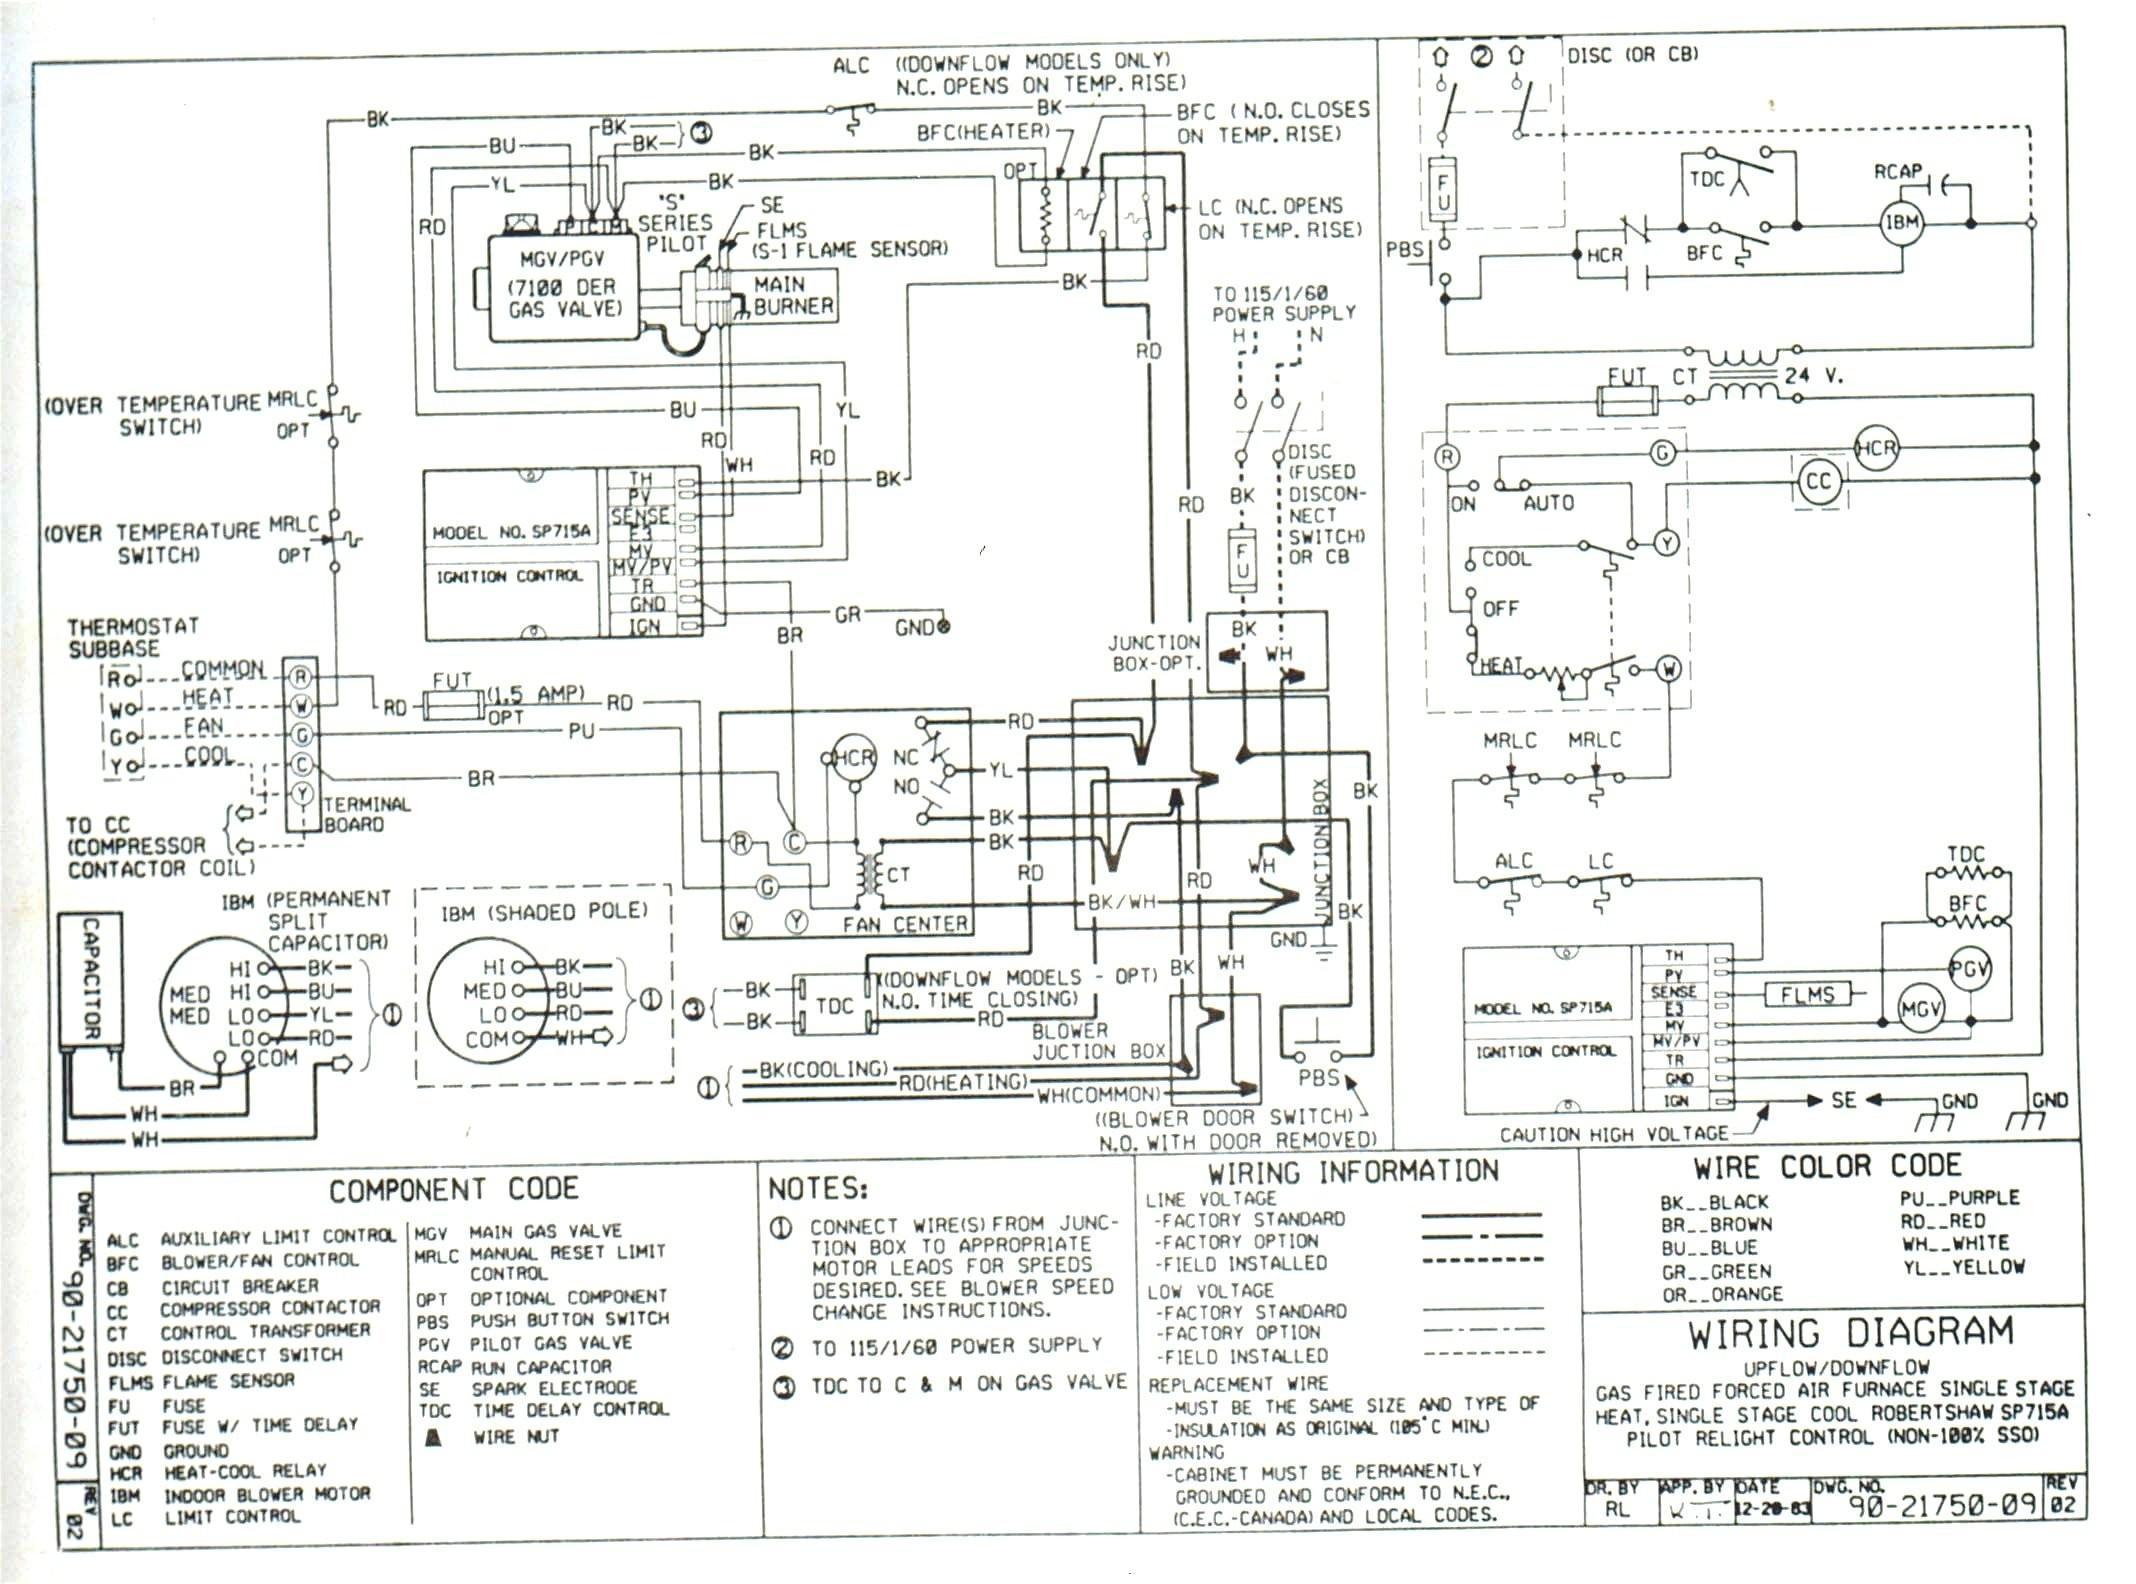 air handler wiring diagram colored air handler brake air handling bard heat pump wiring diagram colors wiring diagrams hvac electrical air handler wiring diagram colored on